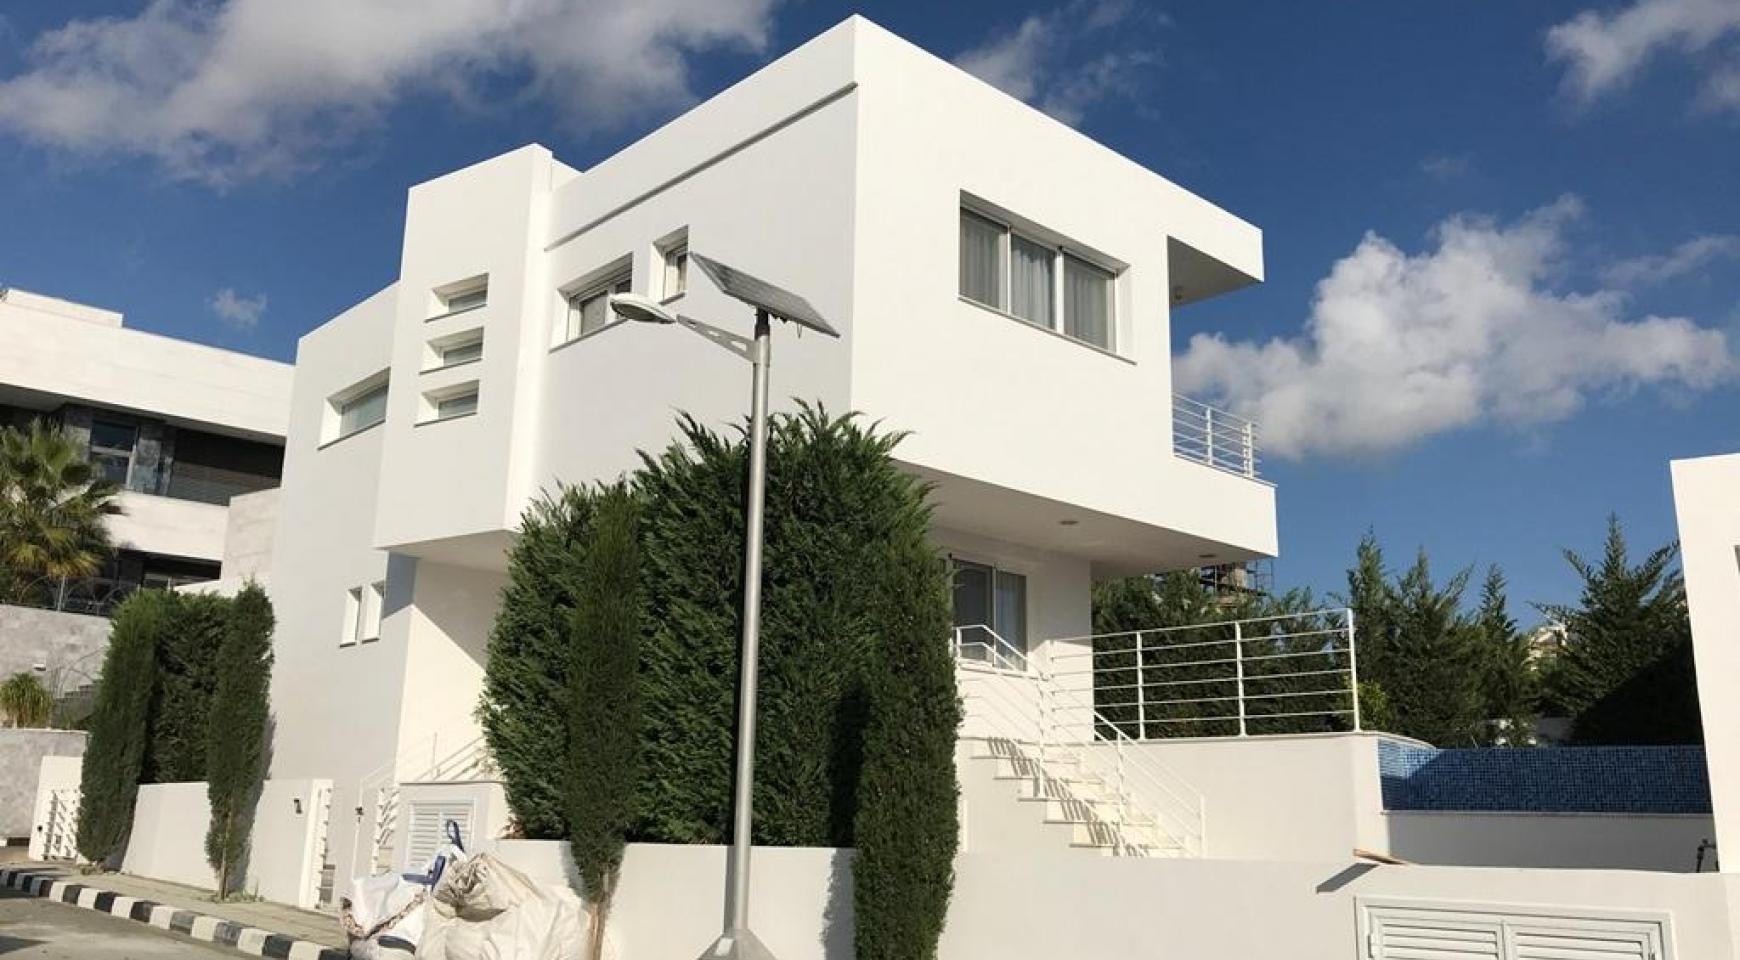 Современная 4-Спальная Вилла с Видом на Море в Районе Agios Tychonas - 2